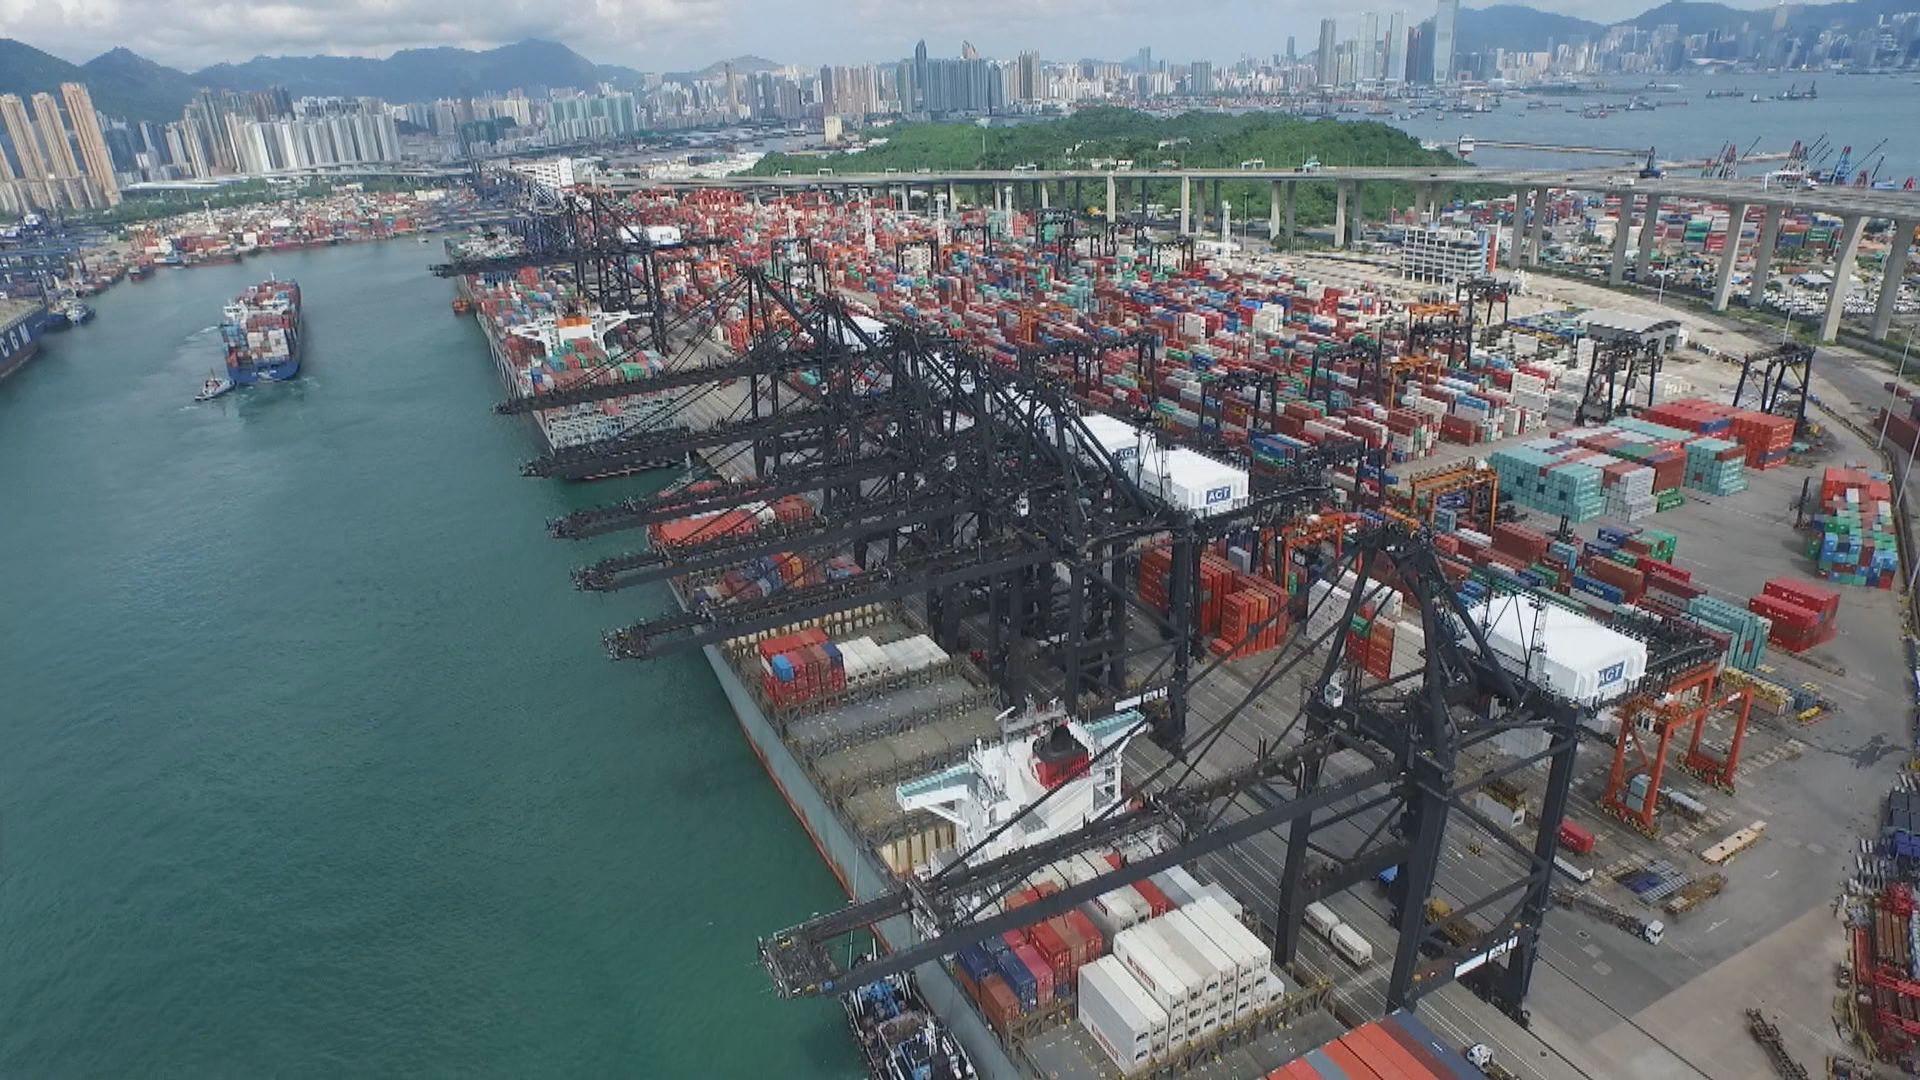 梁兆基:美國對港貨文件要求混亂 將與世貿商討解決方法